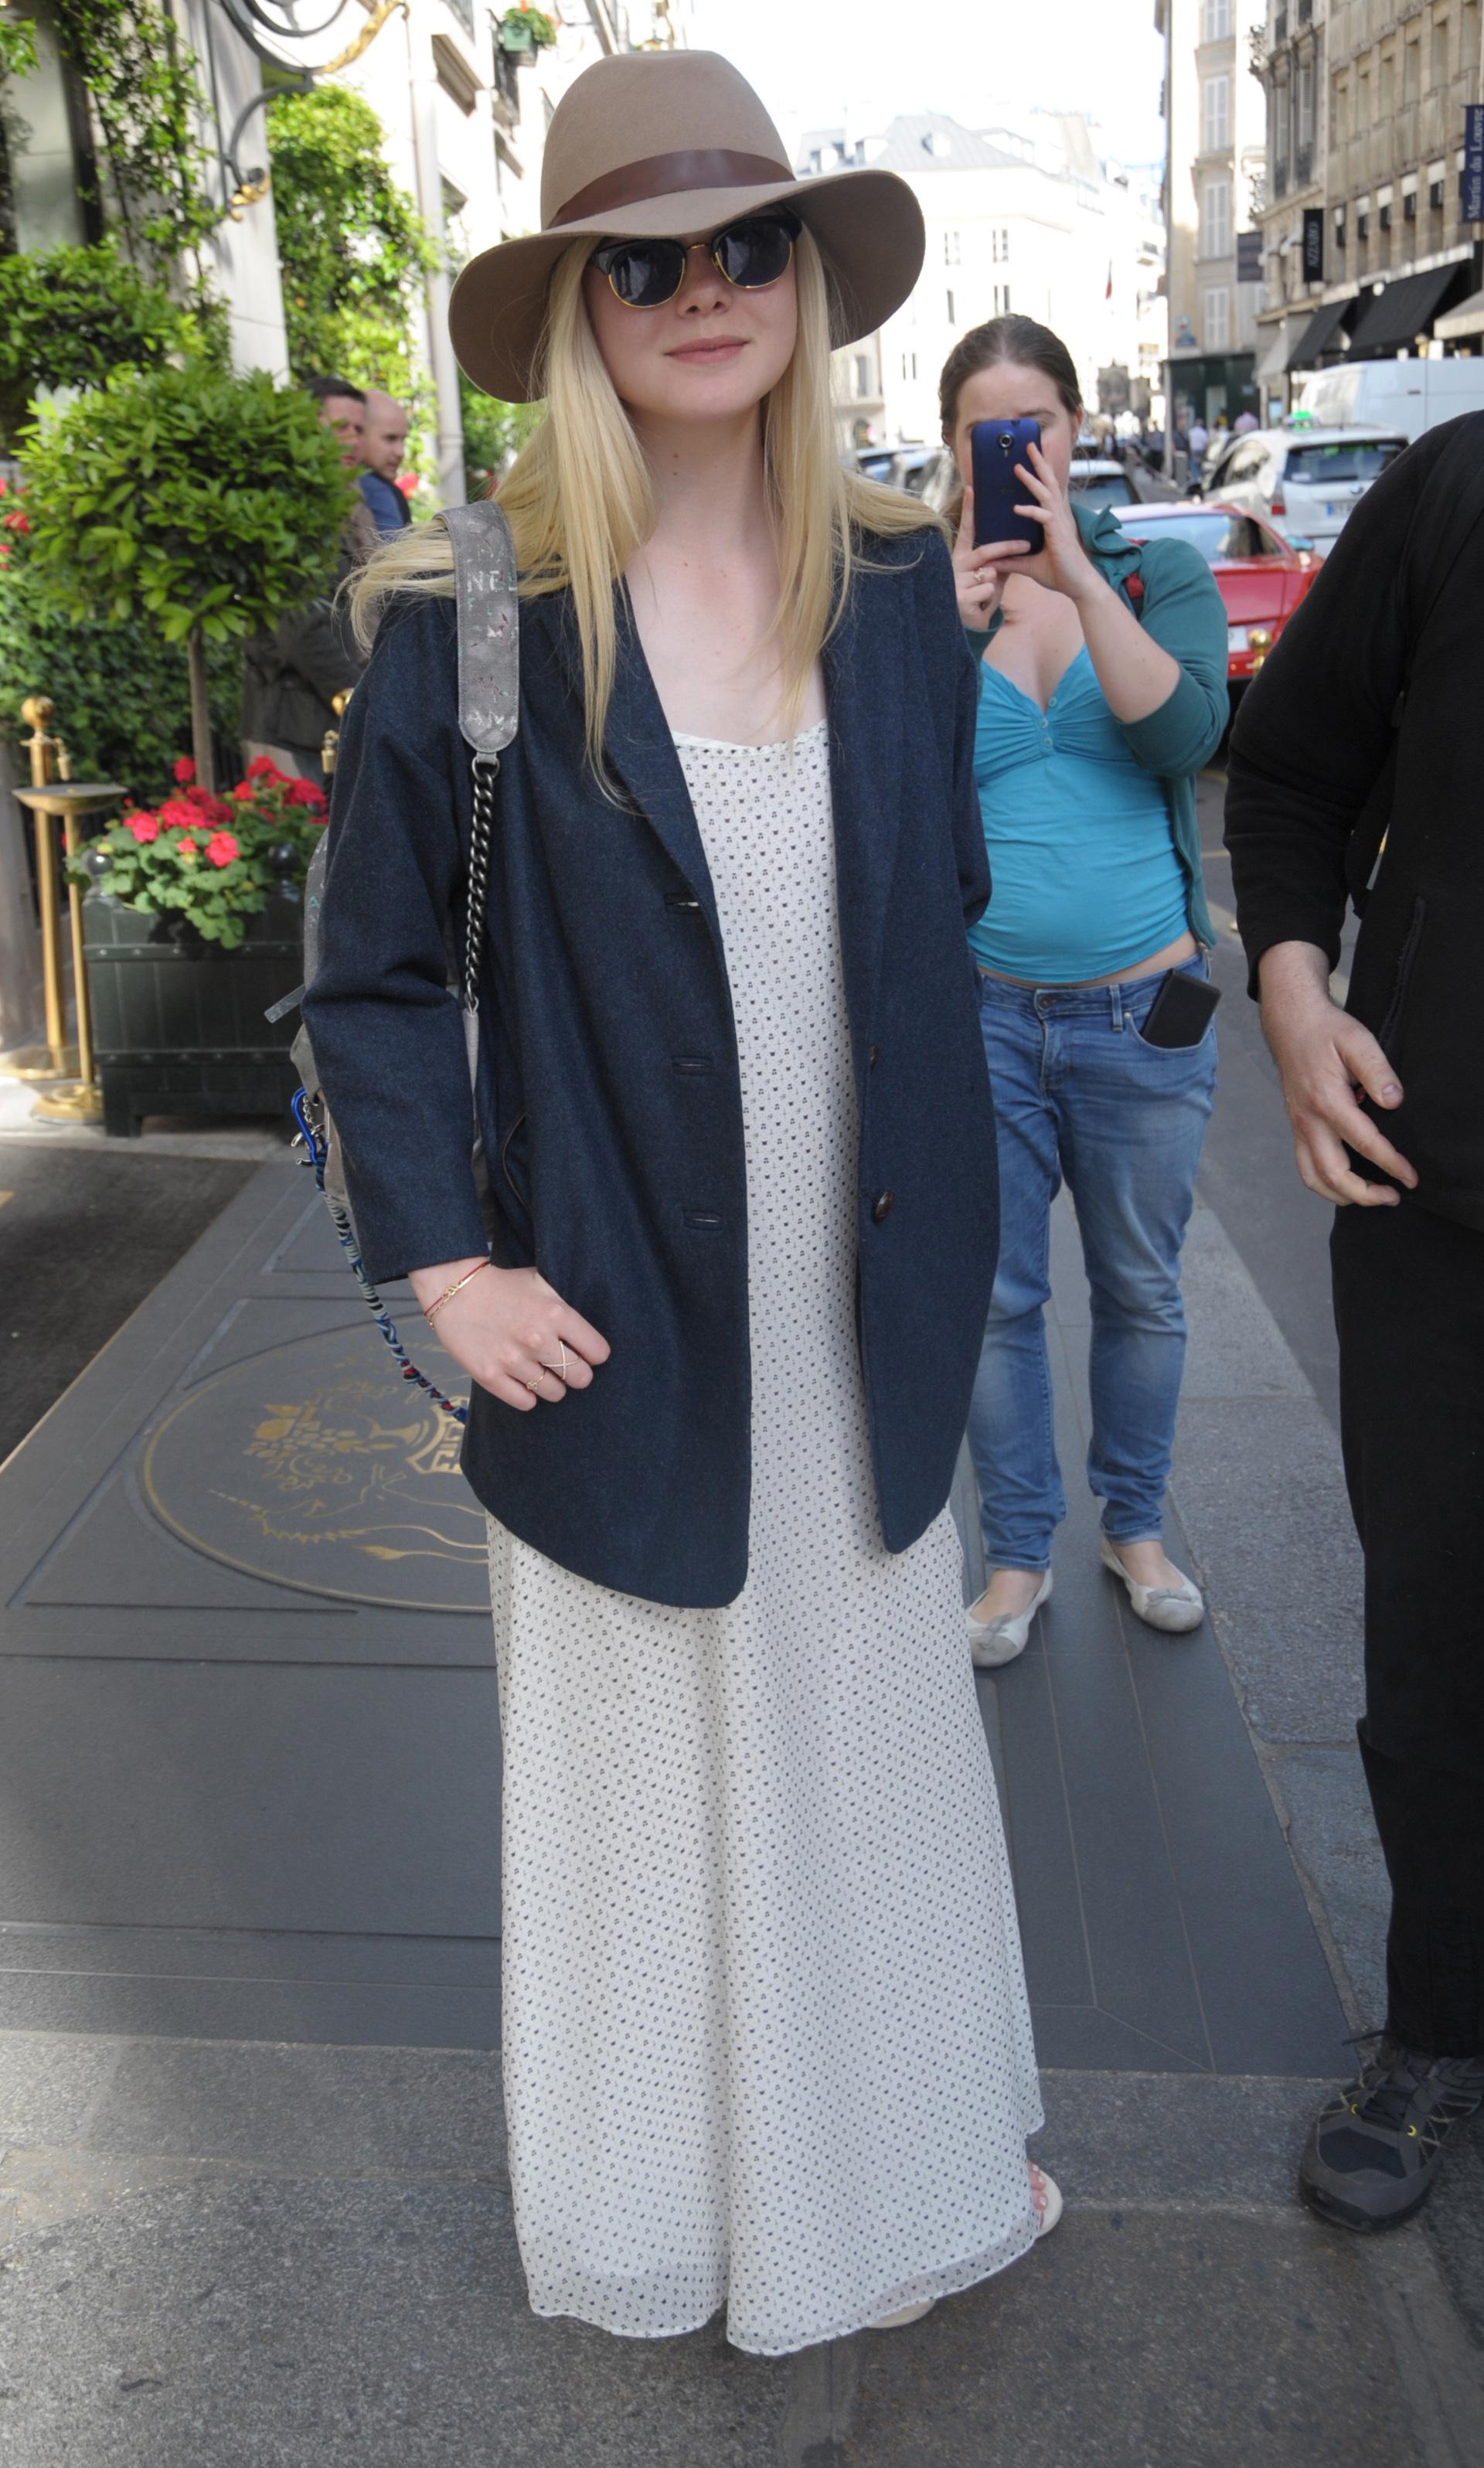 Elle Fanning wearing vintage style dress